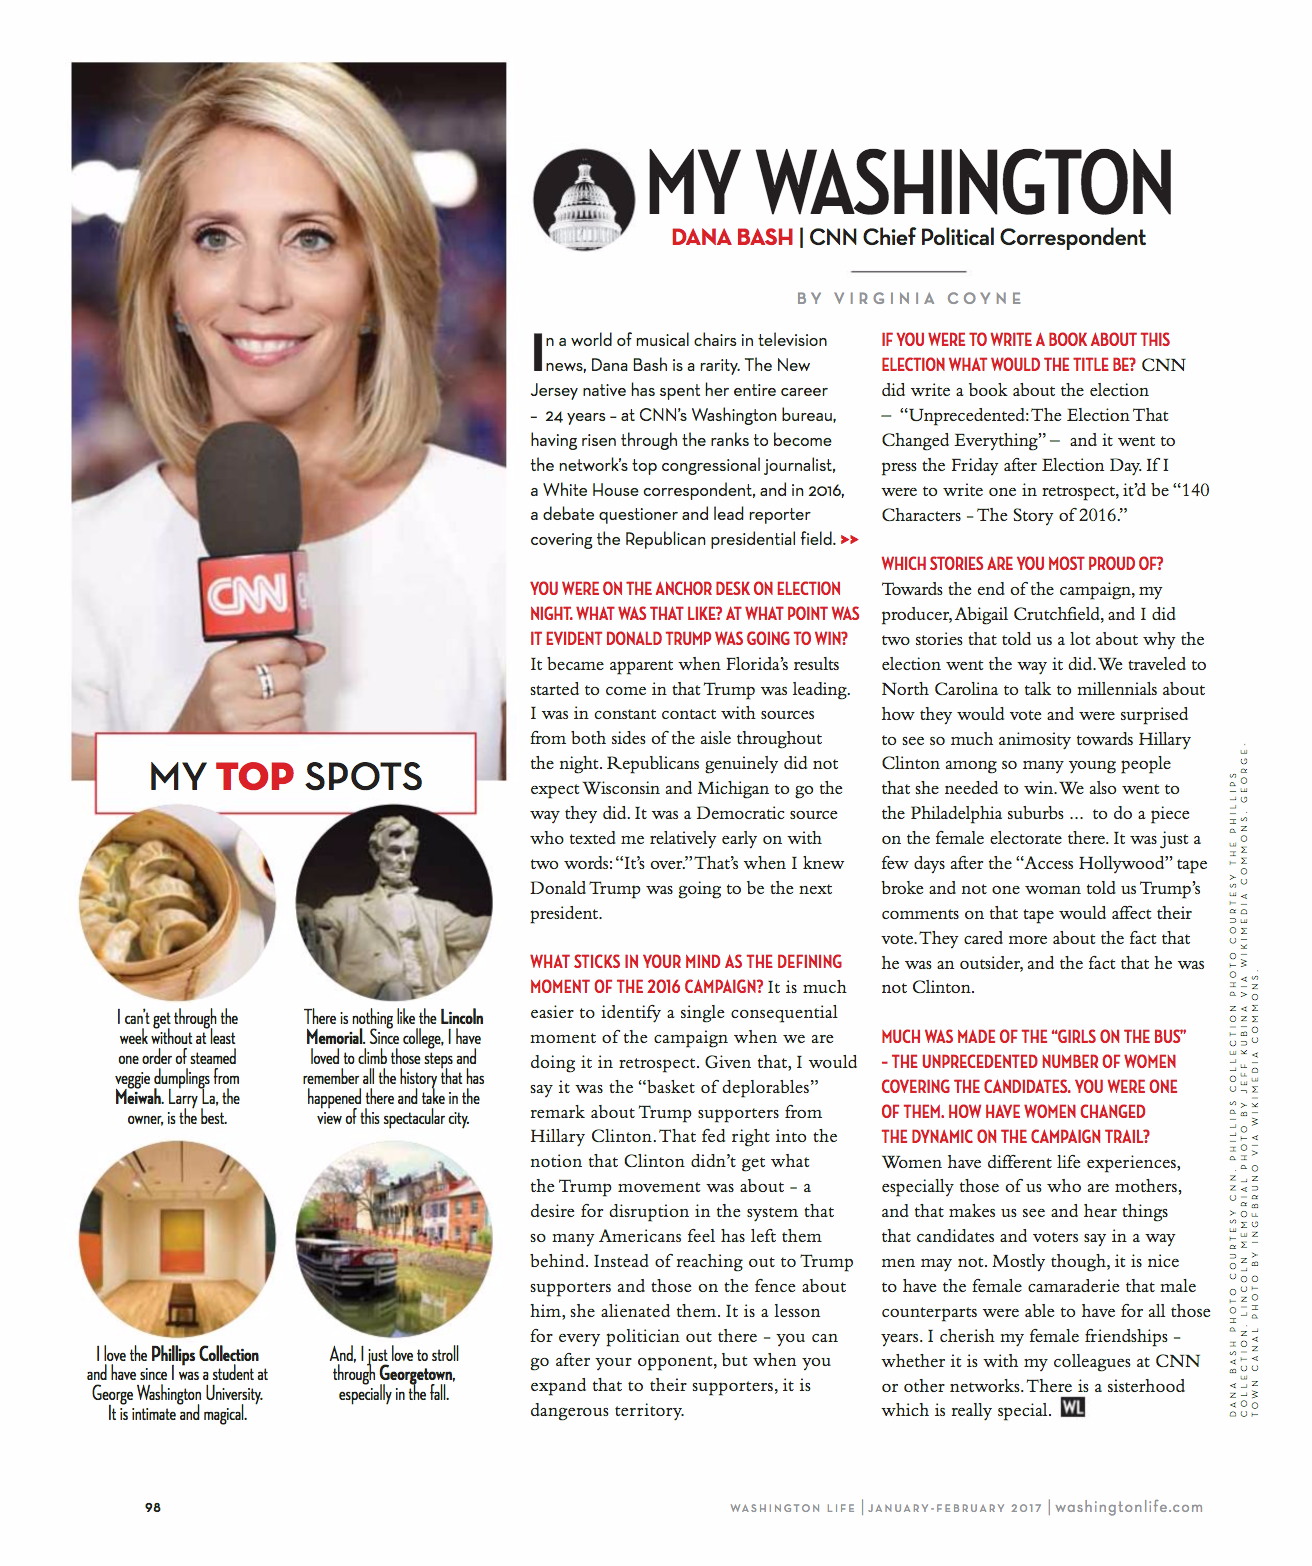 My Washington: Dana Bash